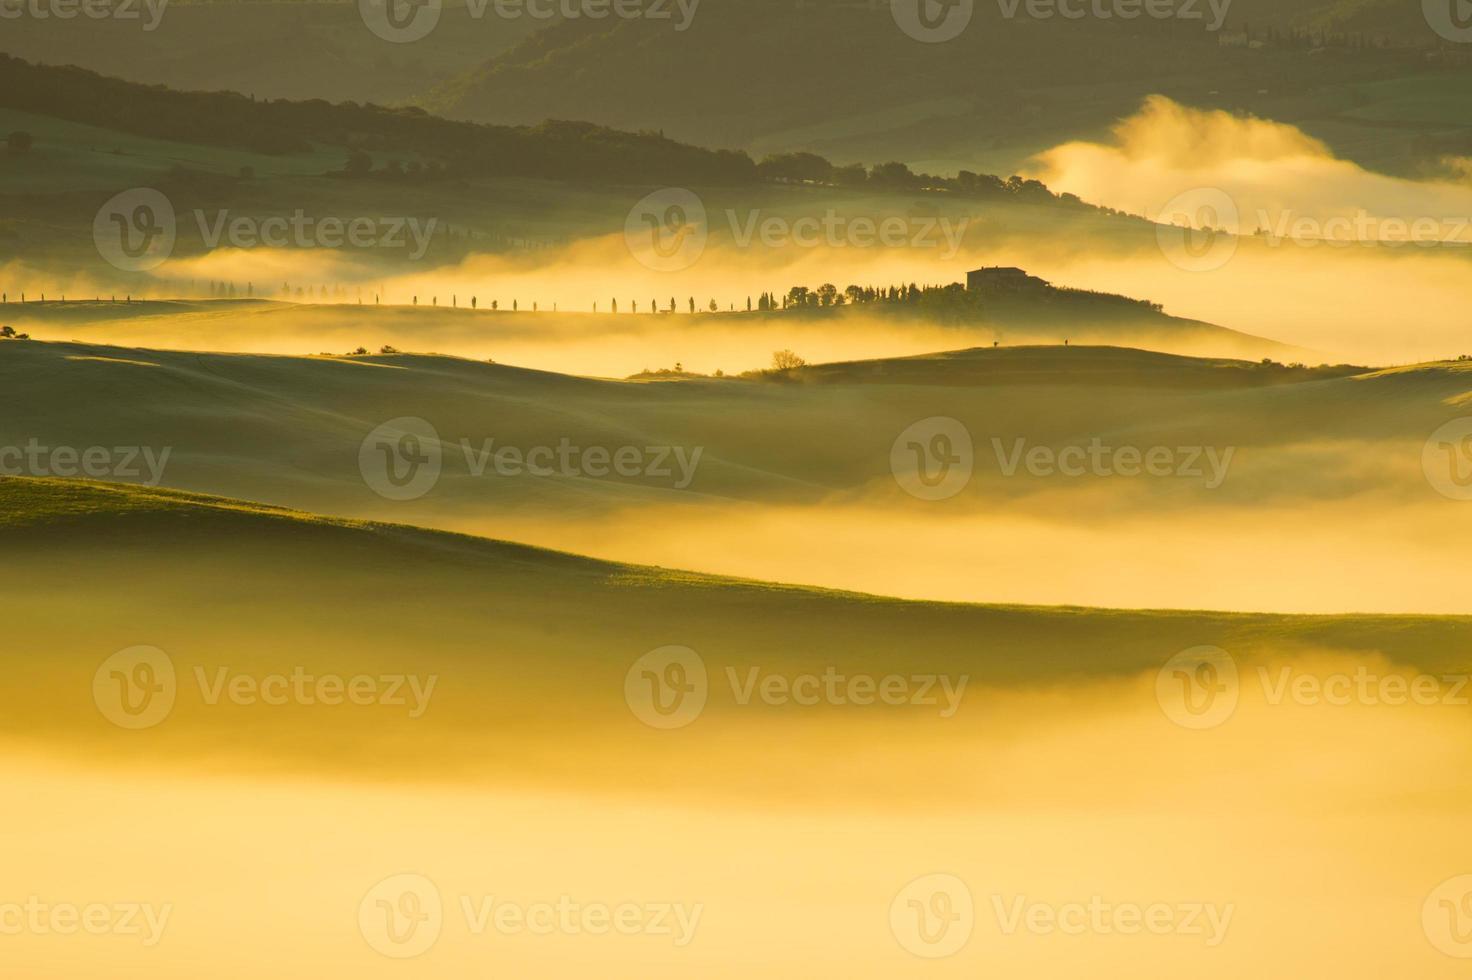 Toscaans landschap dichtbij Pienza, Val d'Orcia Italië foto